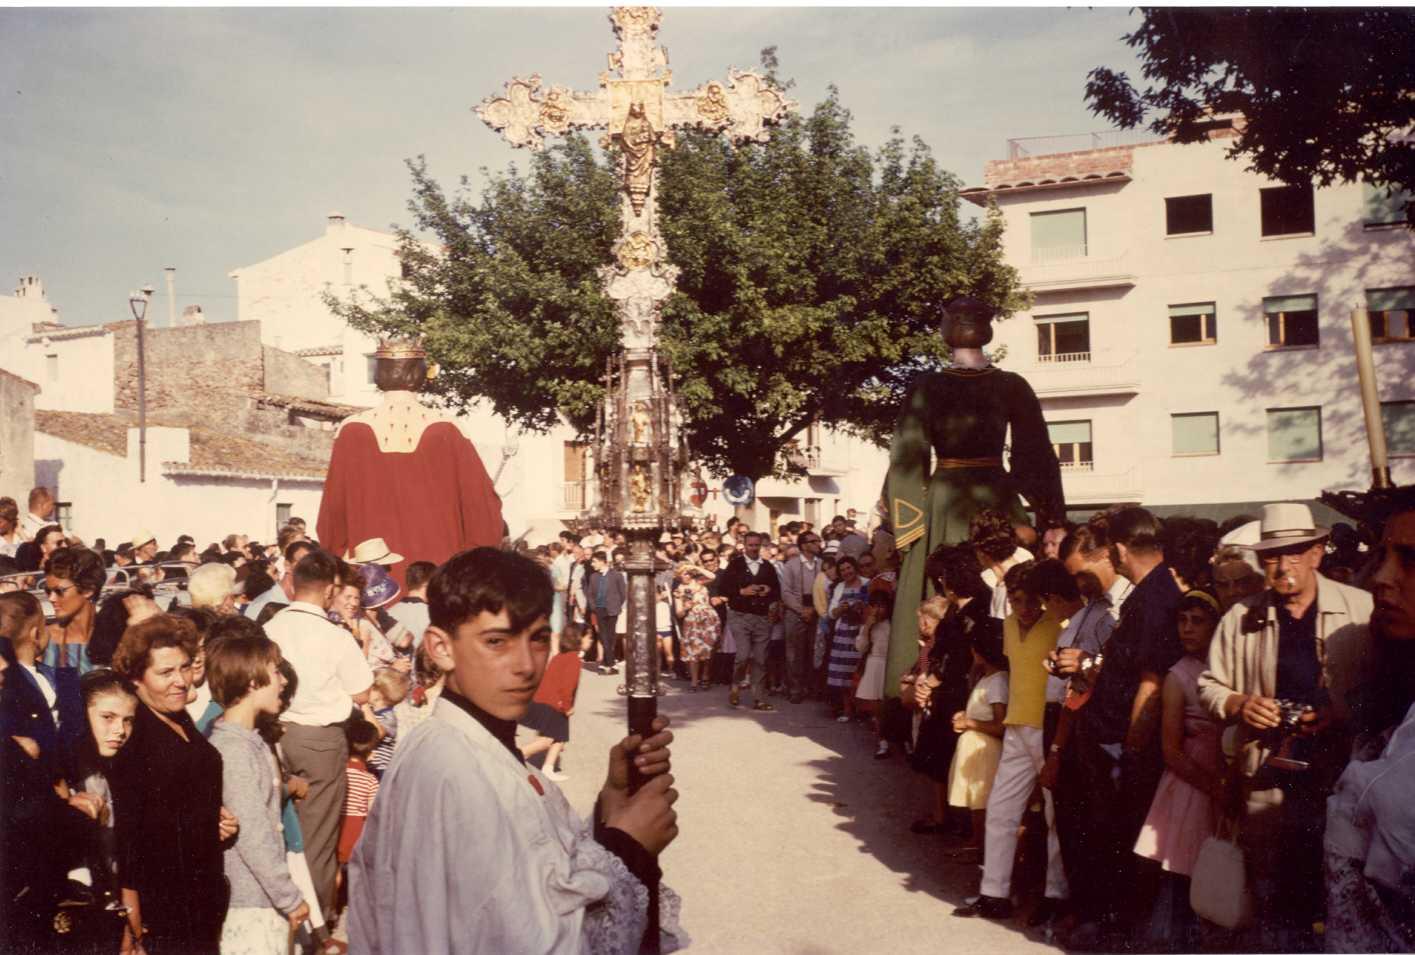 Escolà duent la vera creu durant la processó de Corpus de l'any 1962 a la plaça del Monestir. AMSFG. Fons Pere Rigau (Autor: Pere Rigau)